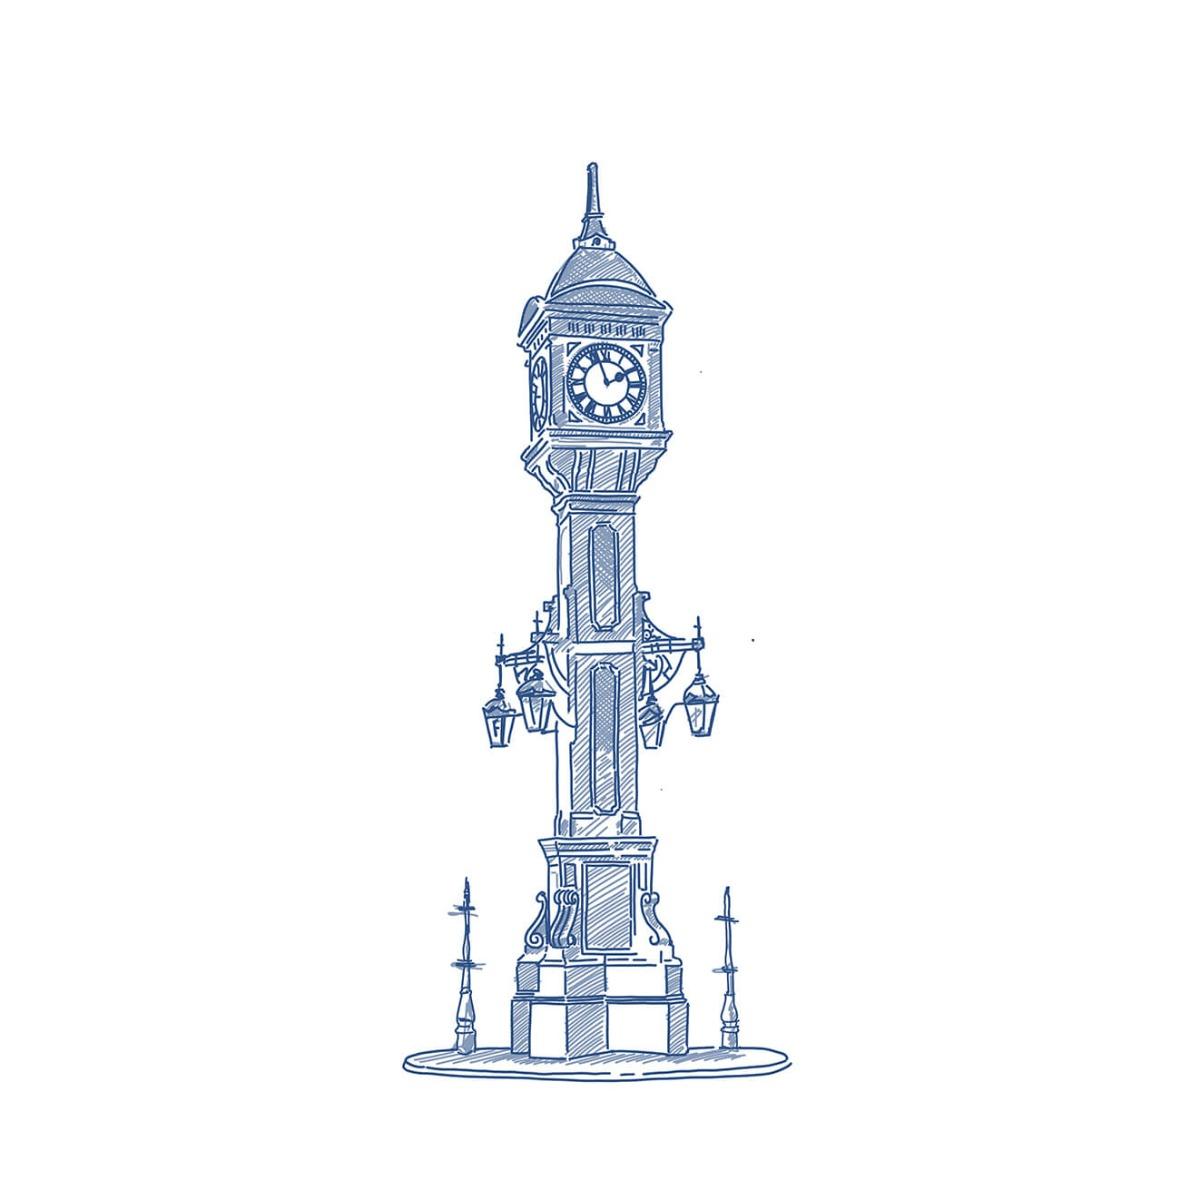 Chamberlain Clock tower, Birmingham